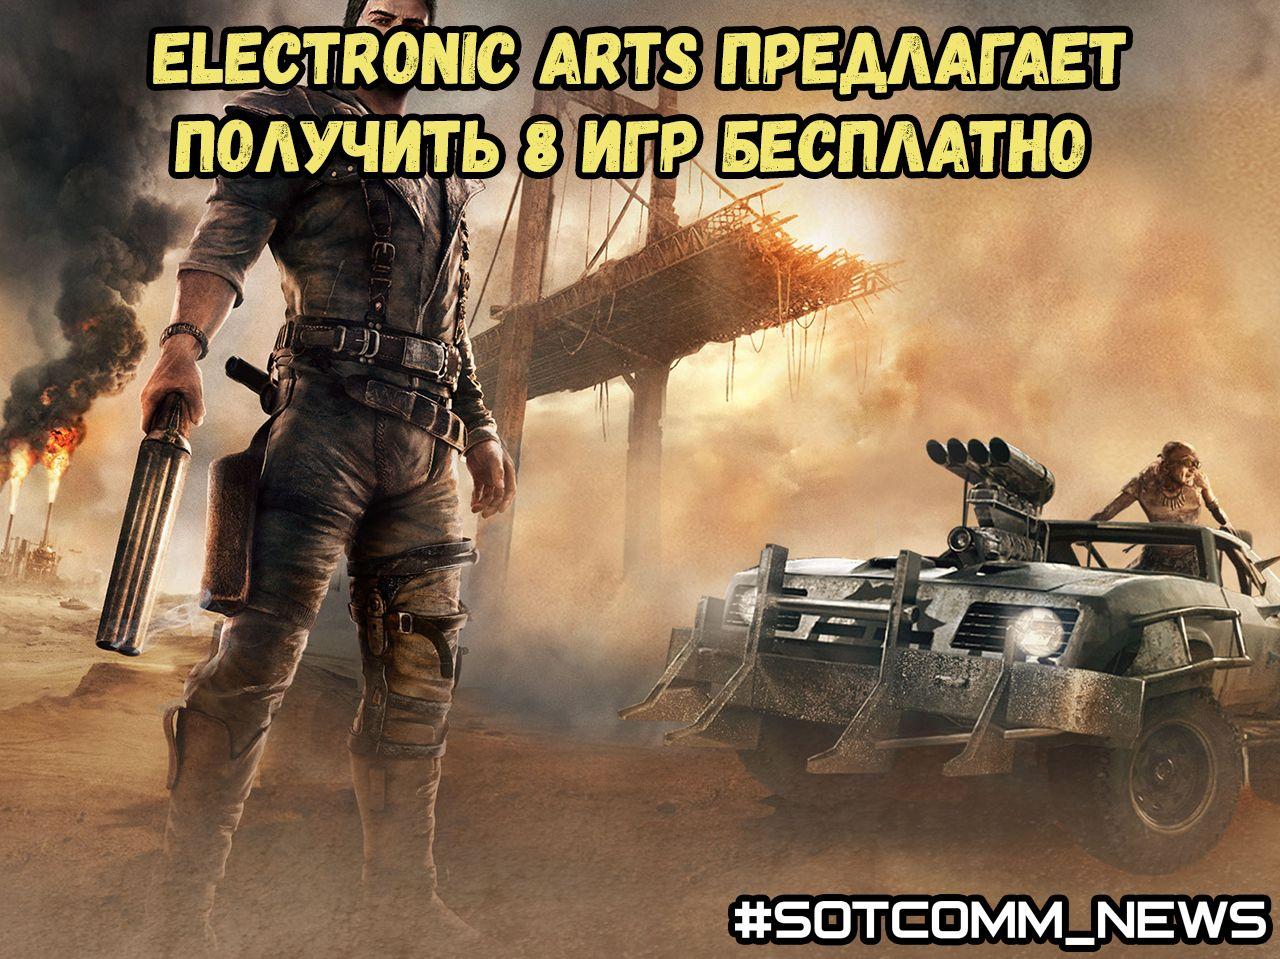 Electronic Arts предлагает получить 8 игр бесплатно